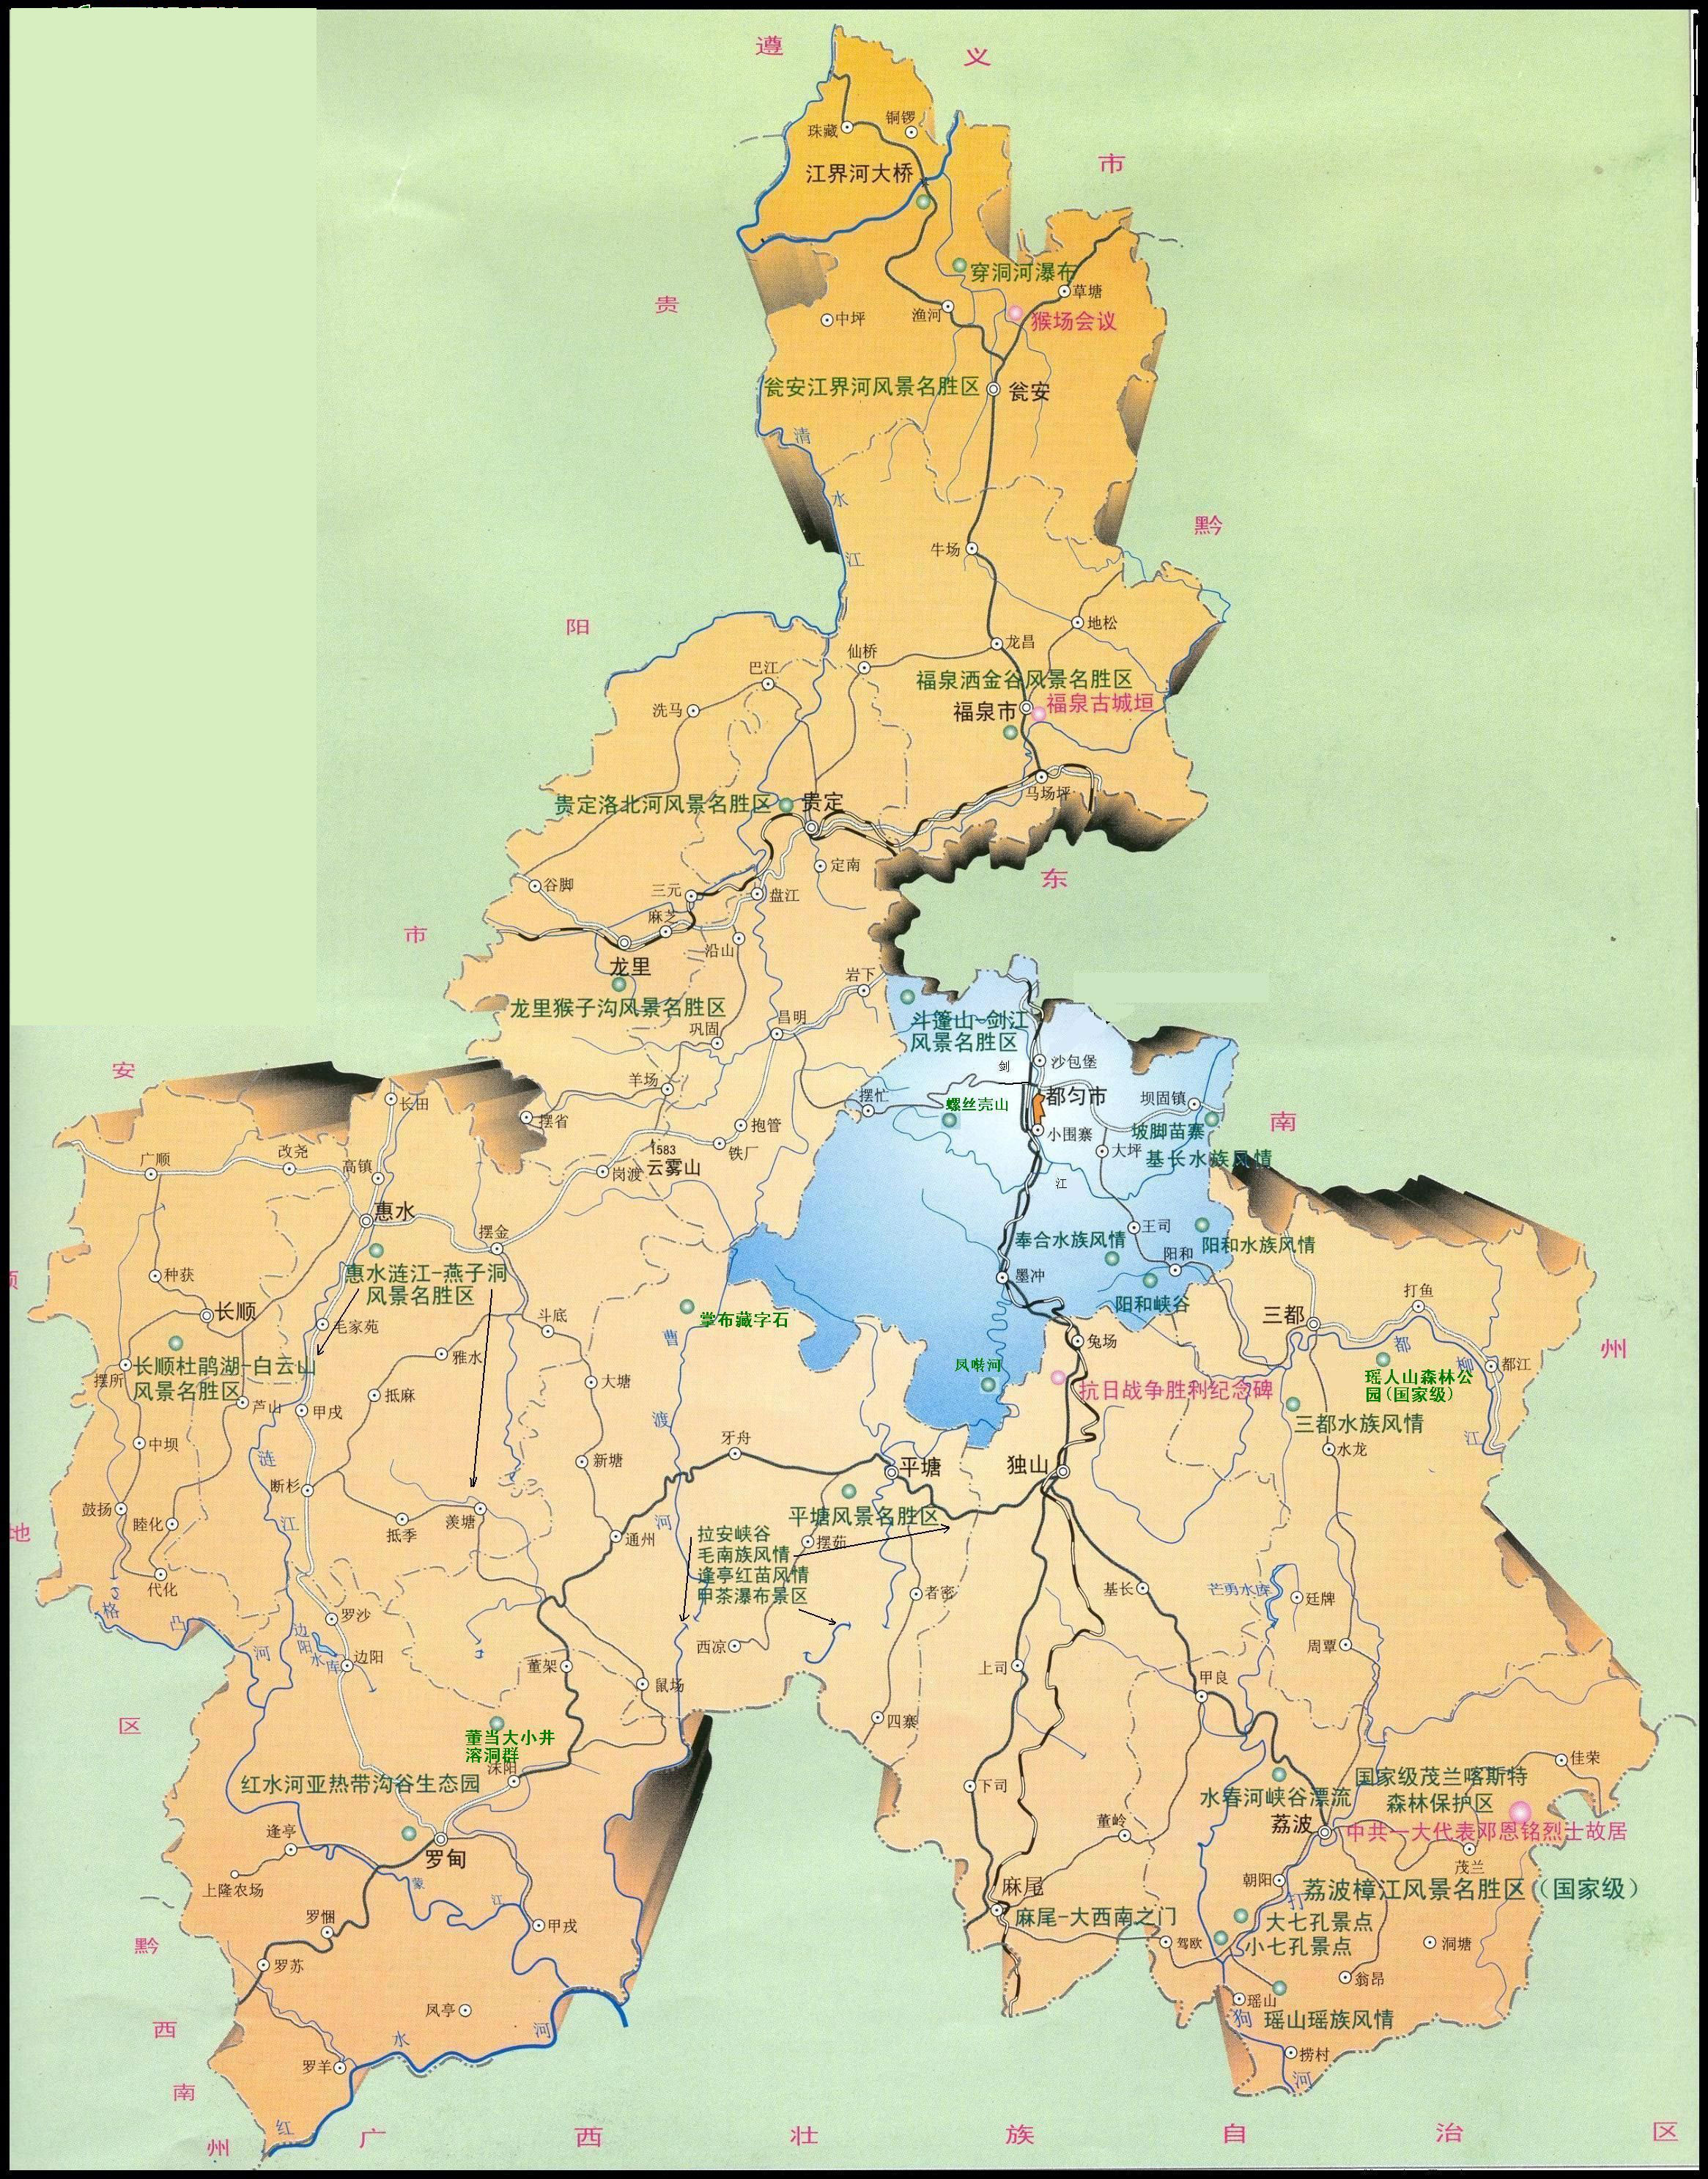 黔南地图(黔南州地图)